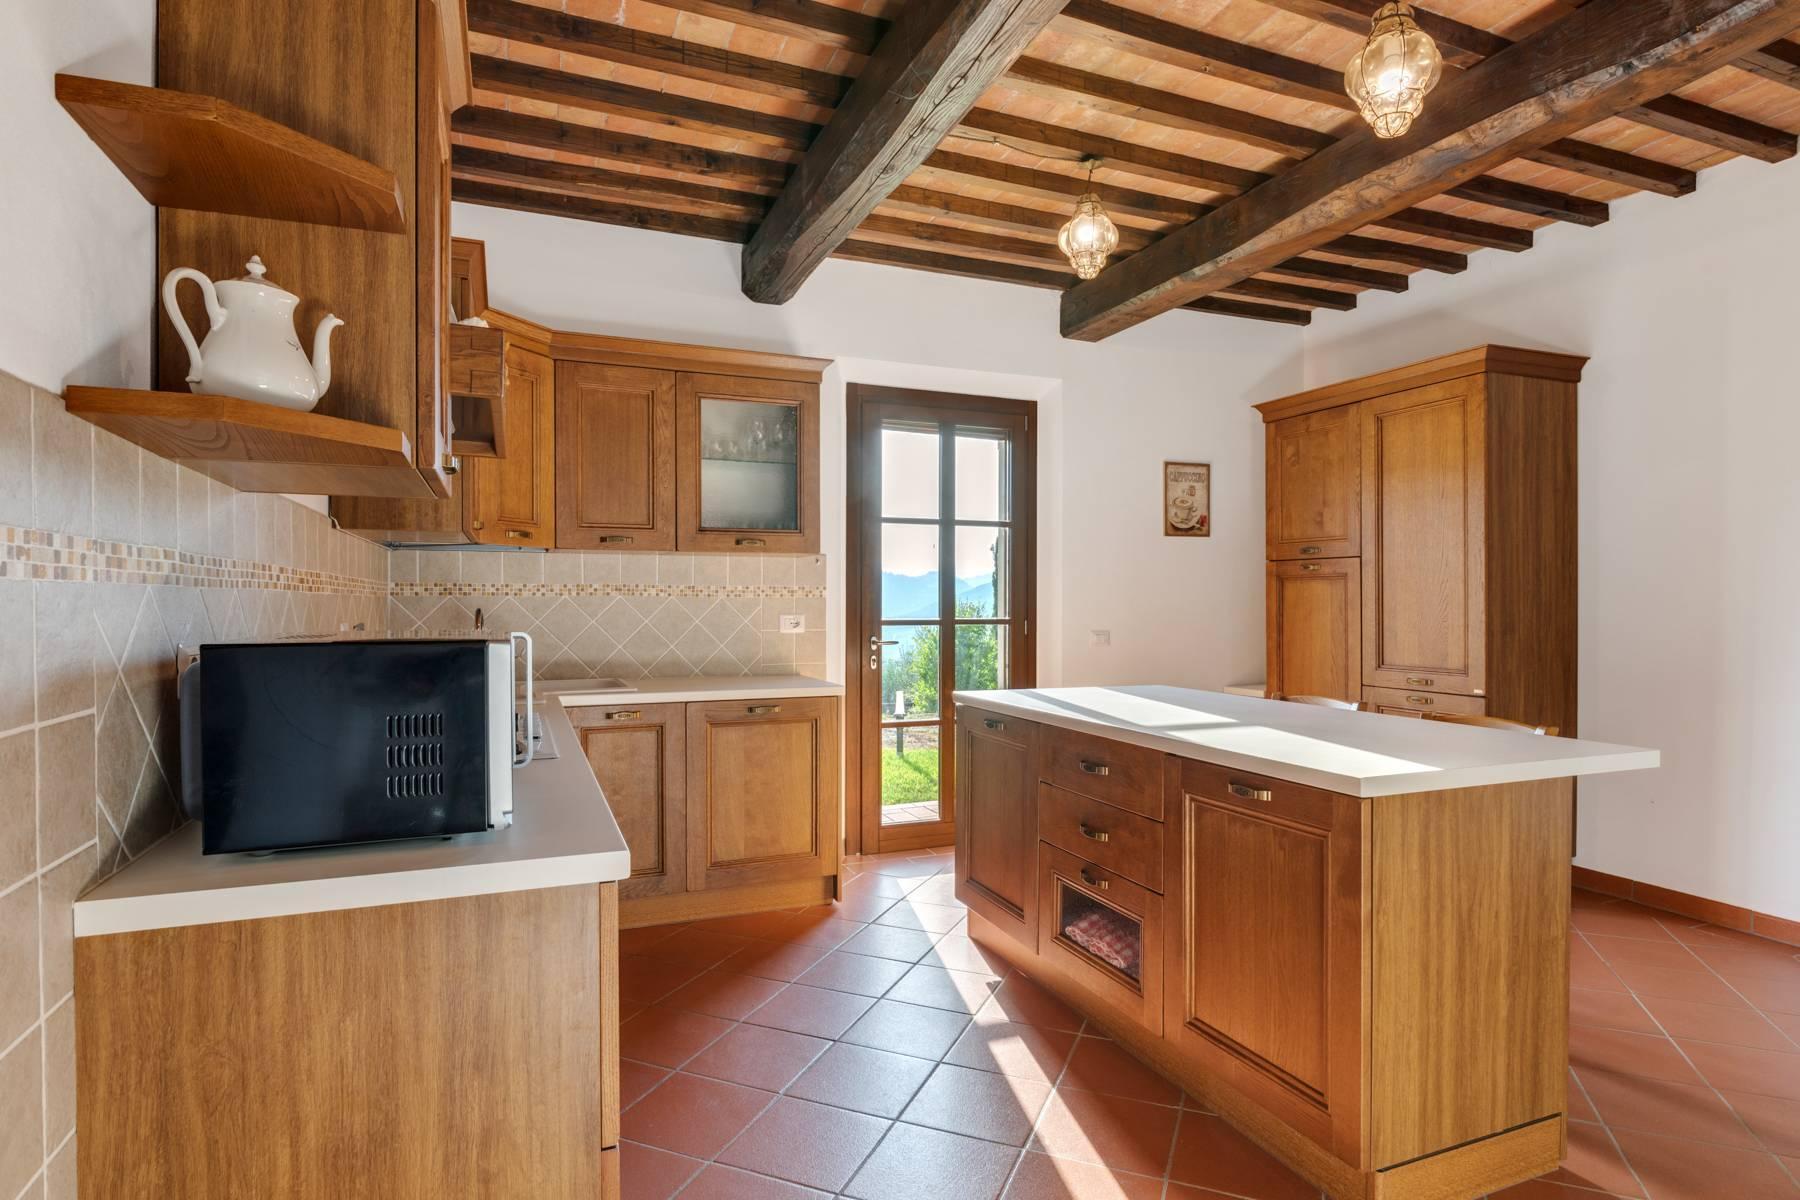 Charmante maison de campagne avec piscine sur les collines toscanes - 17